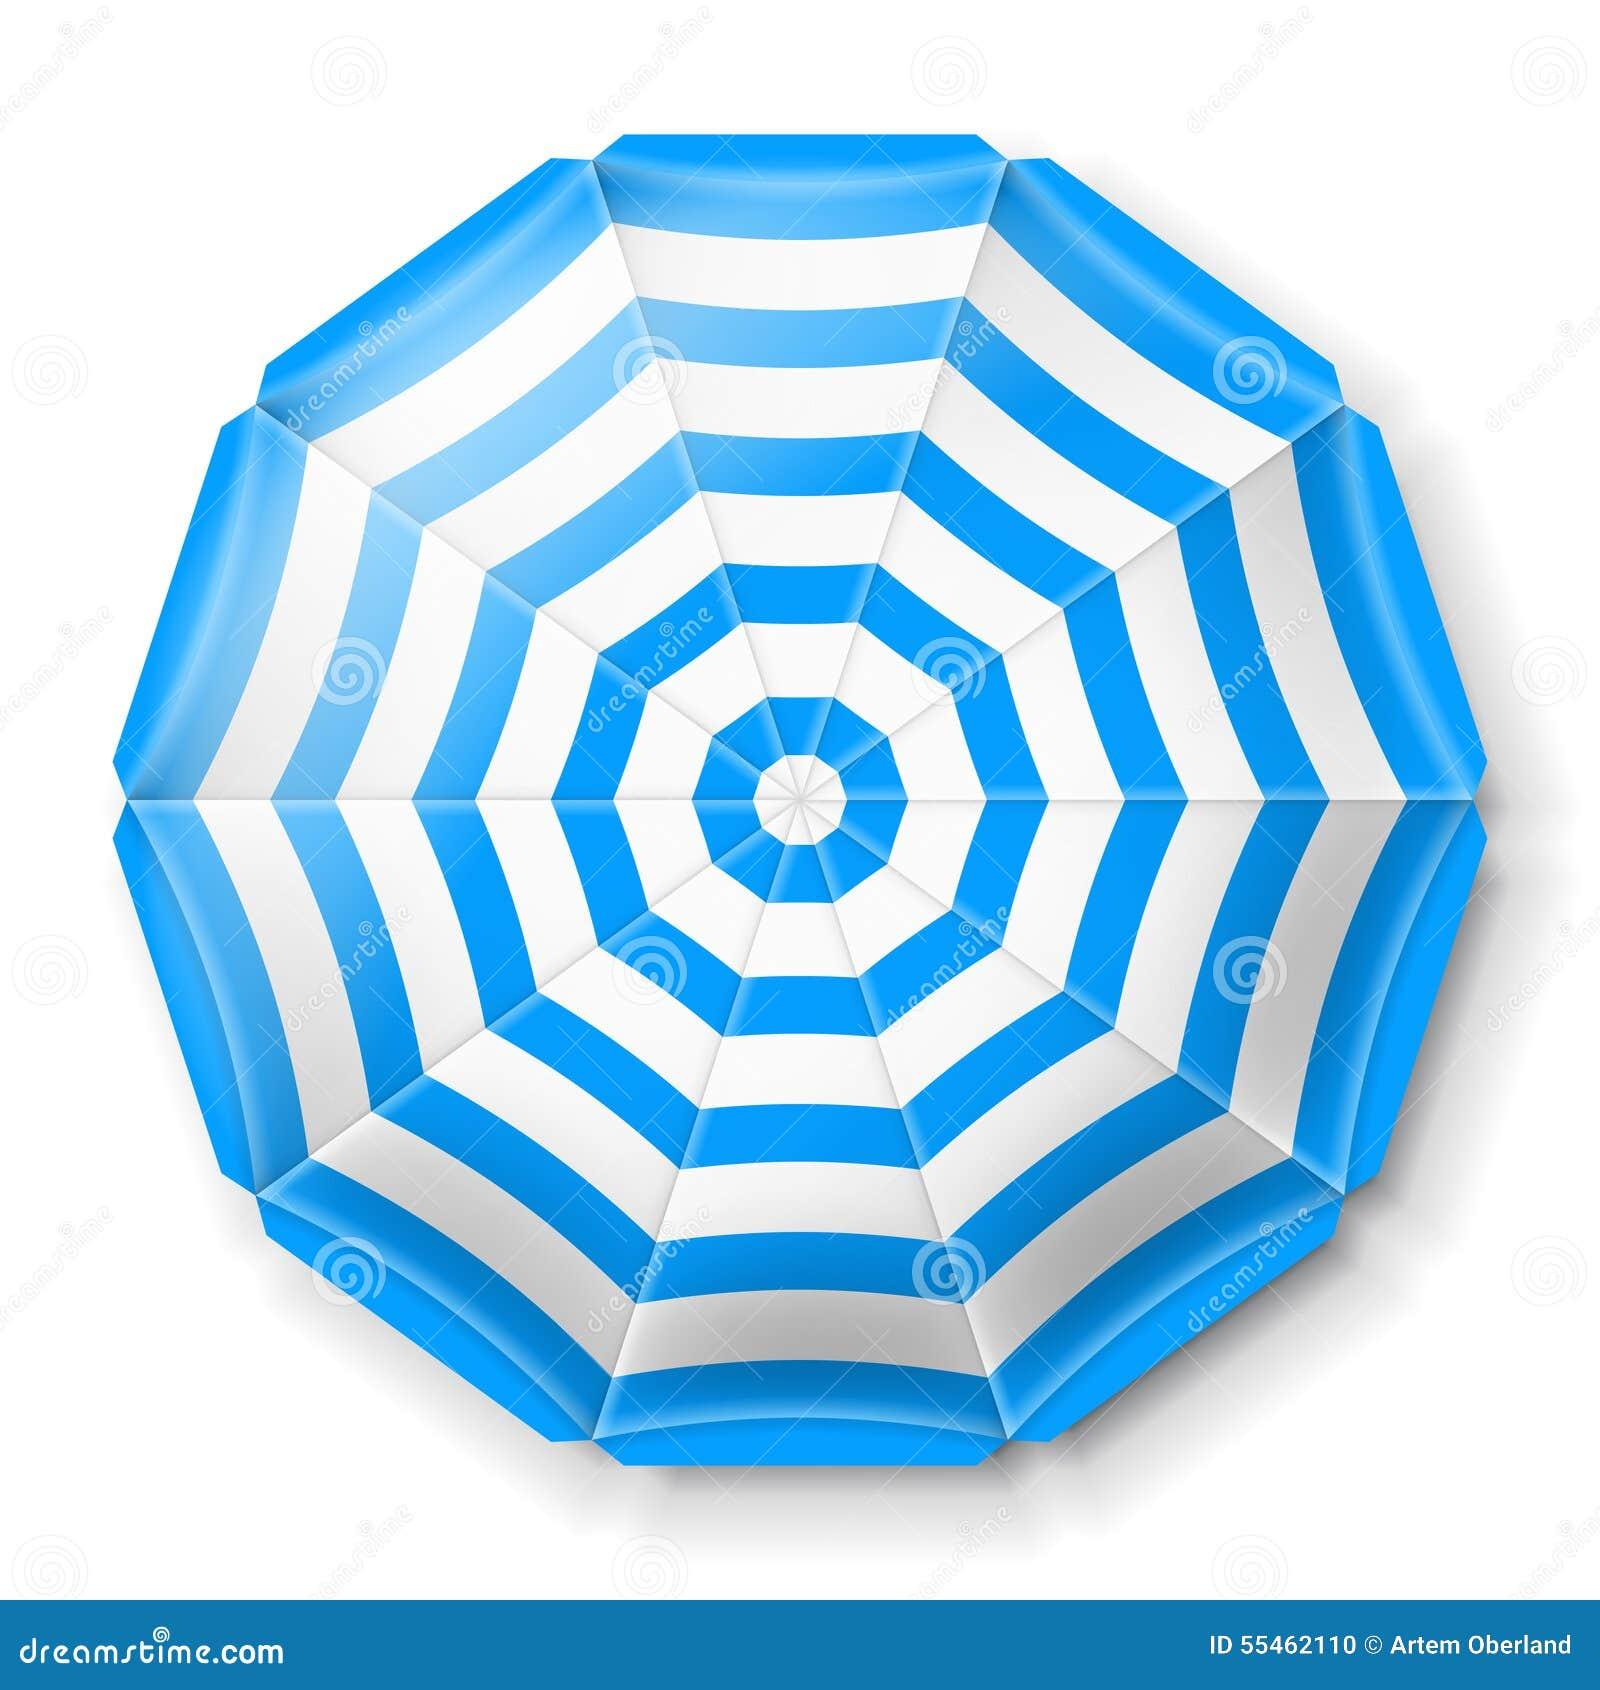 Beach Umbrella Top View Stock Vector Image 55462110